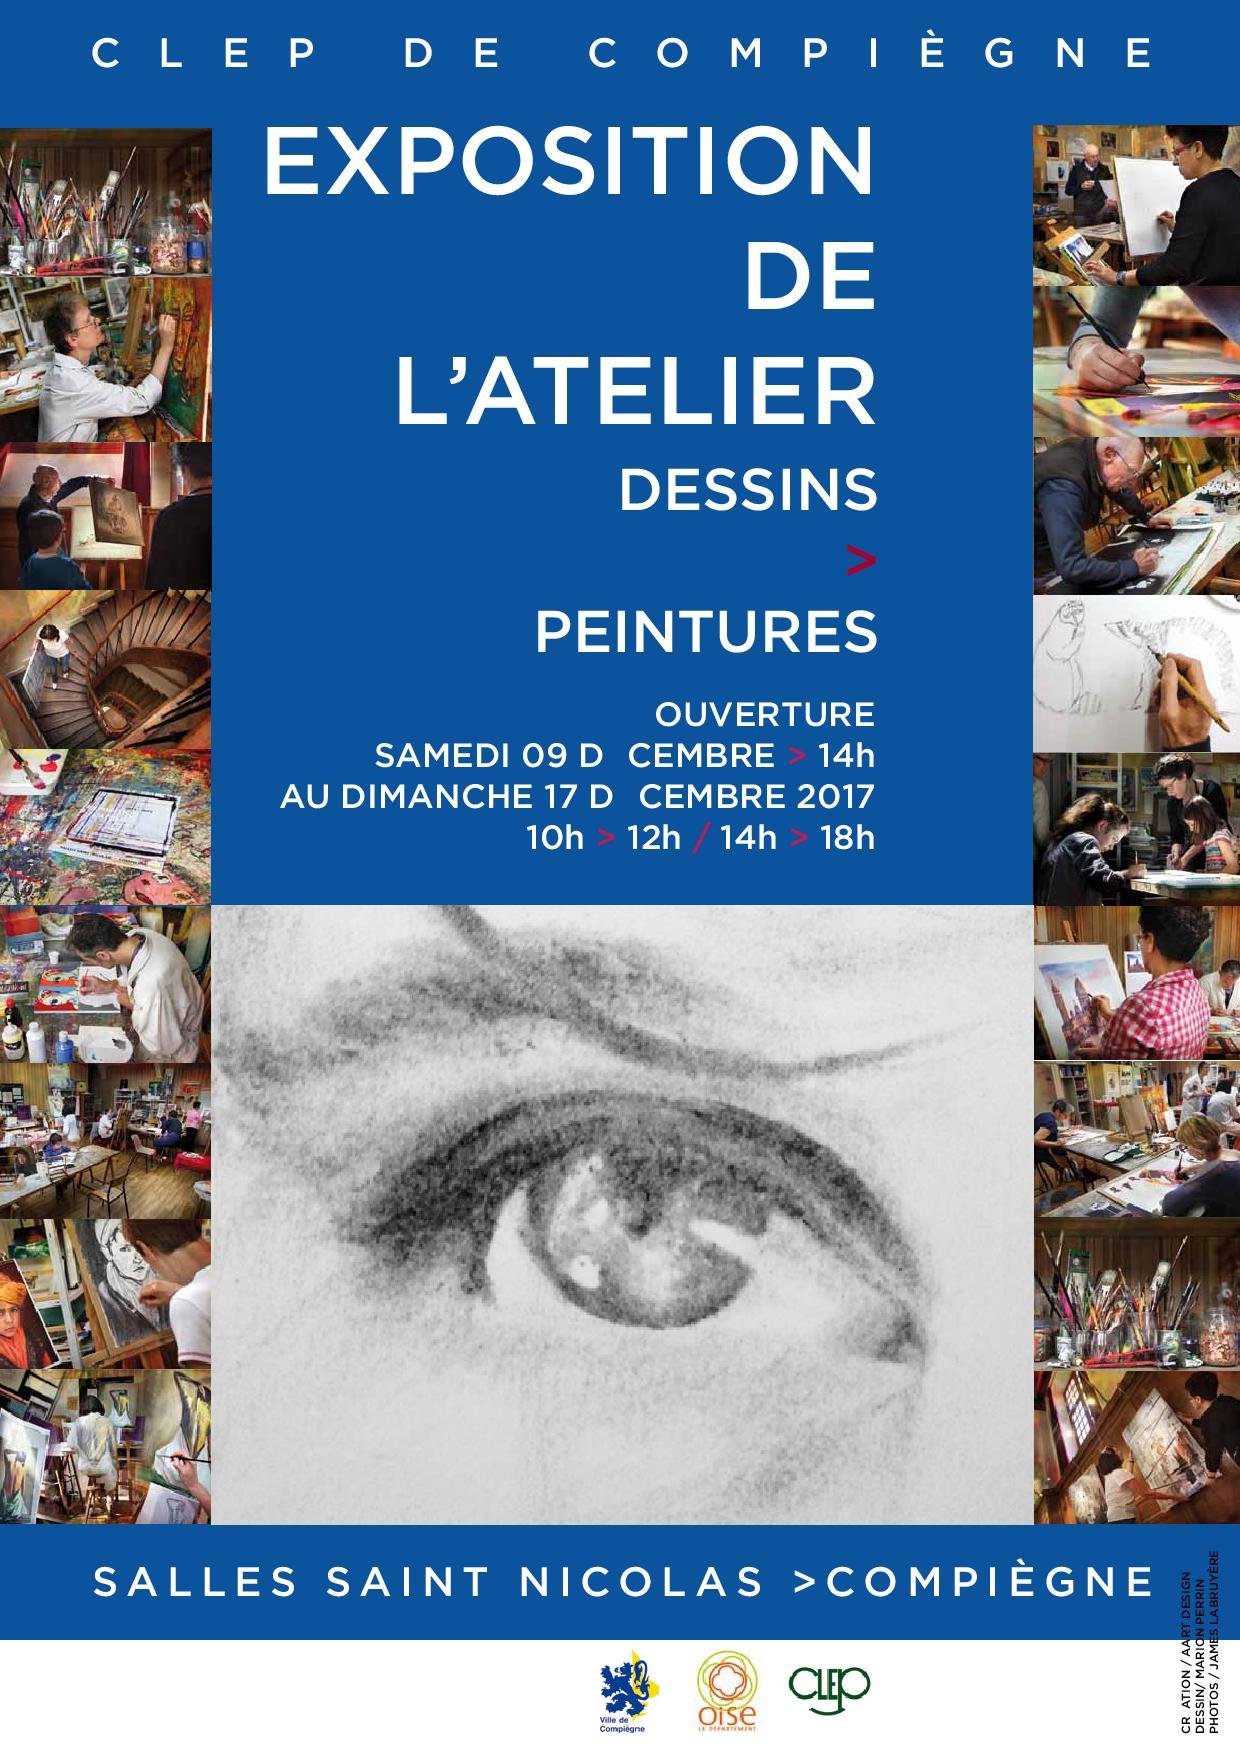 Exposition de l'atelier Dessin et Peintures